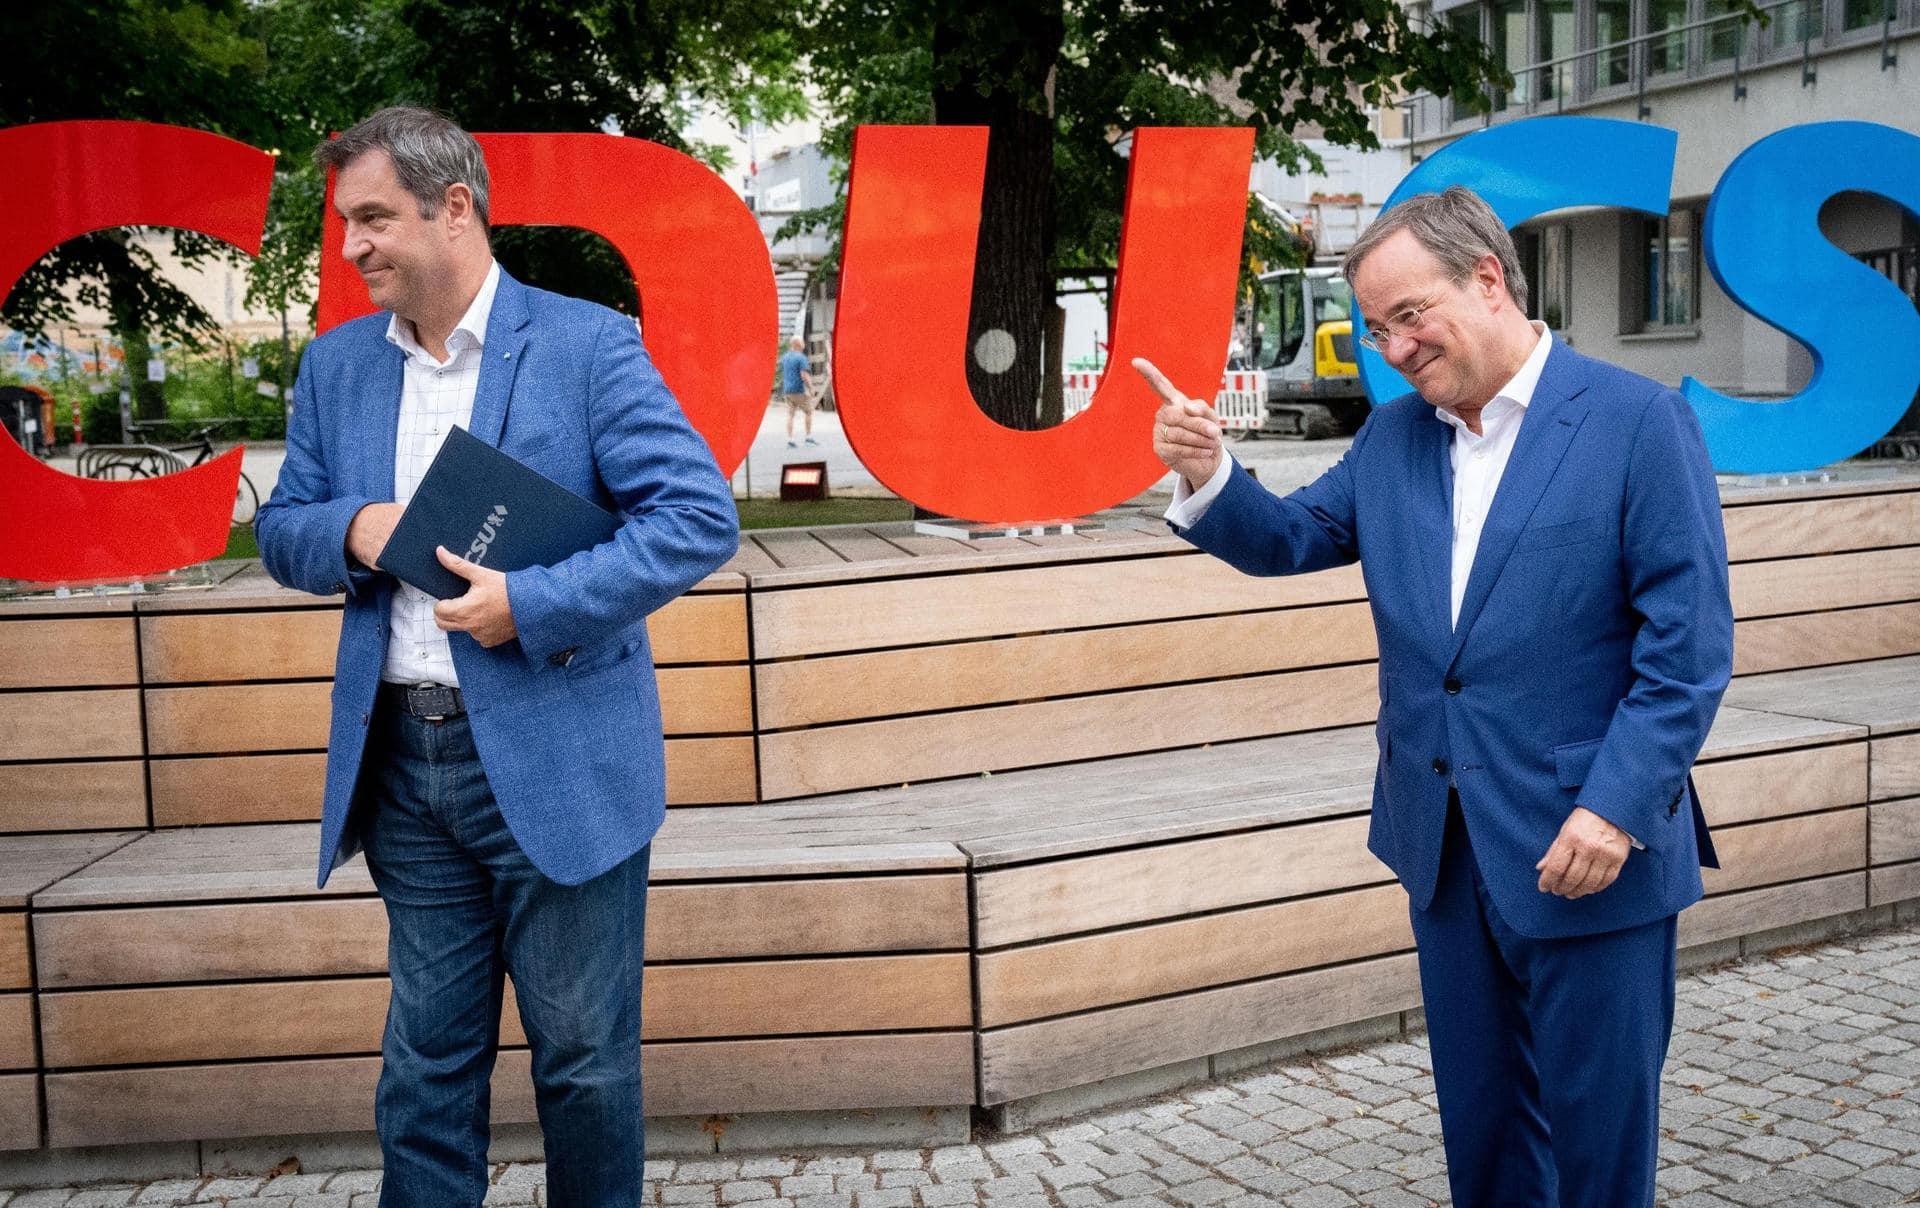 Laschet und Söder stellen gemeinsames Wahlprogramm vor Bundestagswahl